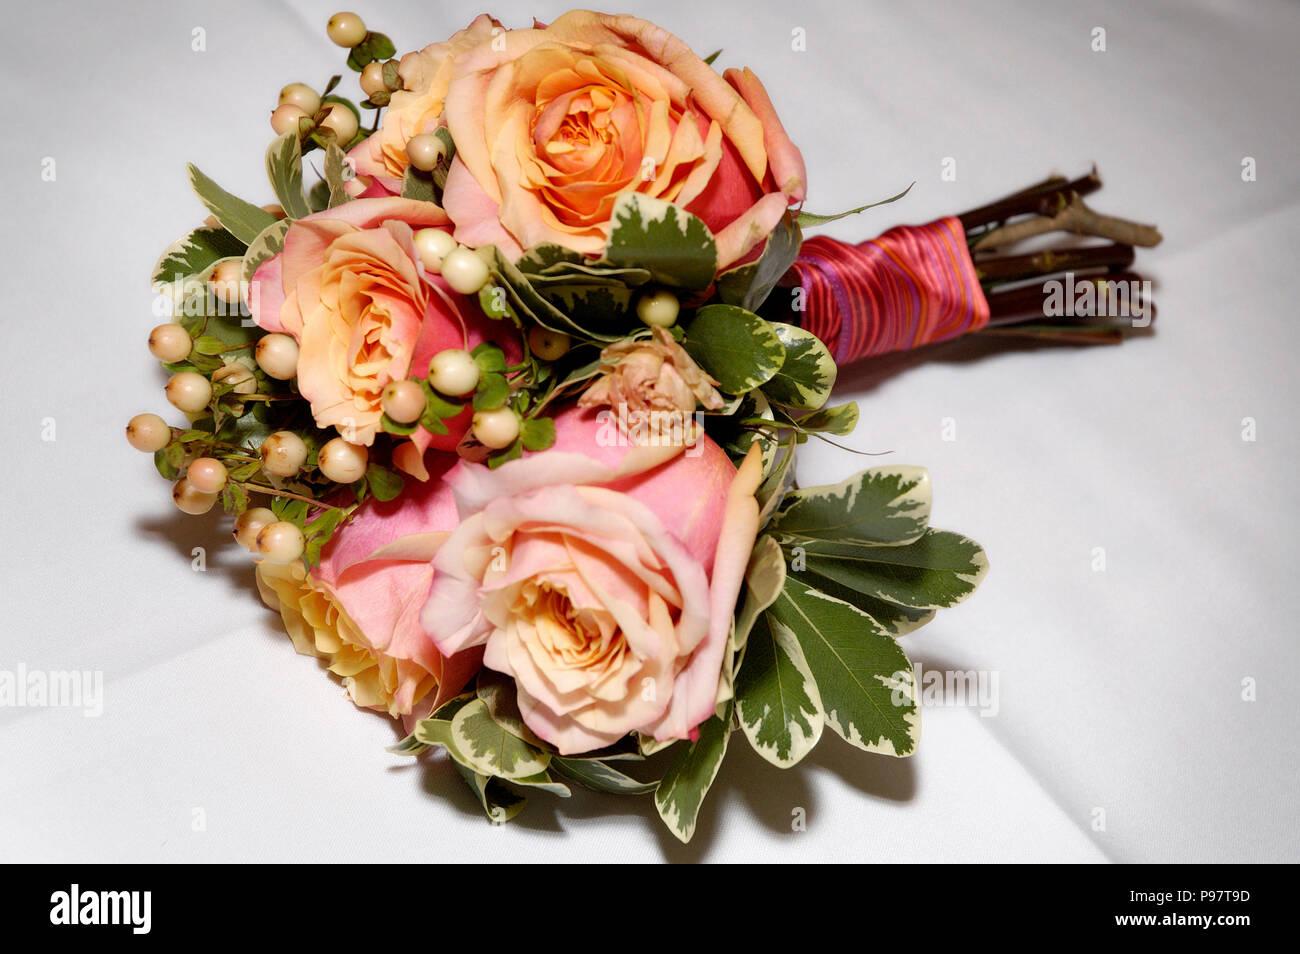 Ein Blumenstrauss Der Hochzeit Blumen Rosa Und Orange Oder Pfirsich